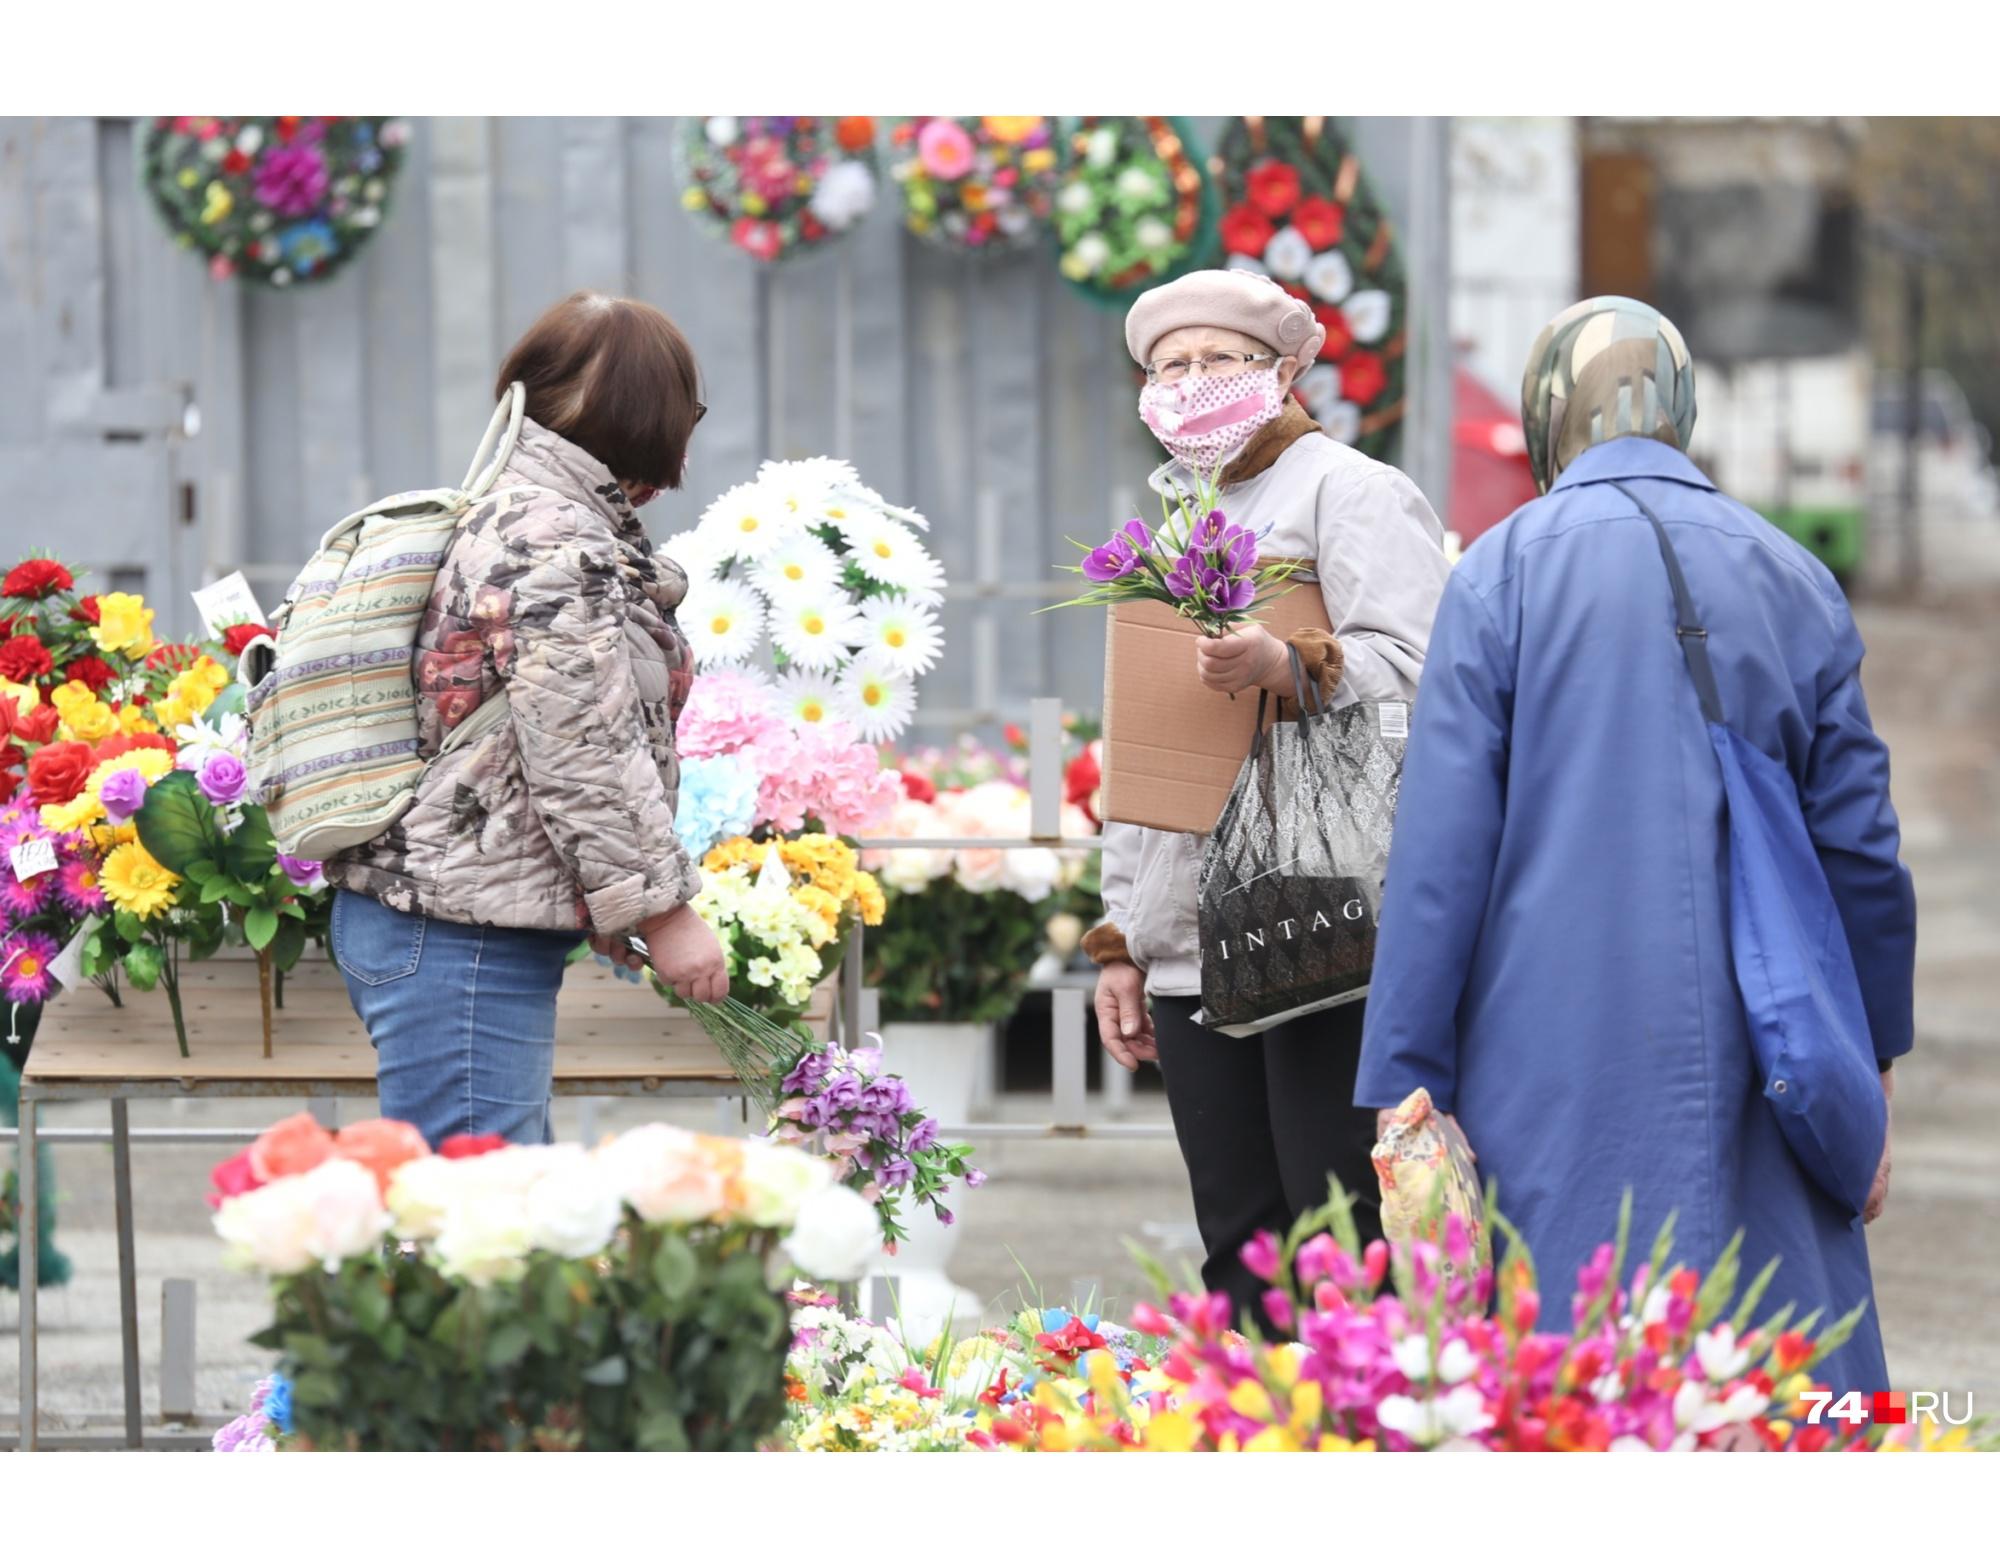 Около кладбища идёт активная торговля искусственными цветами